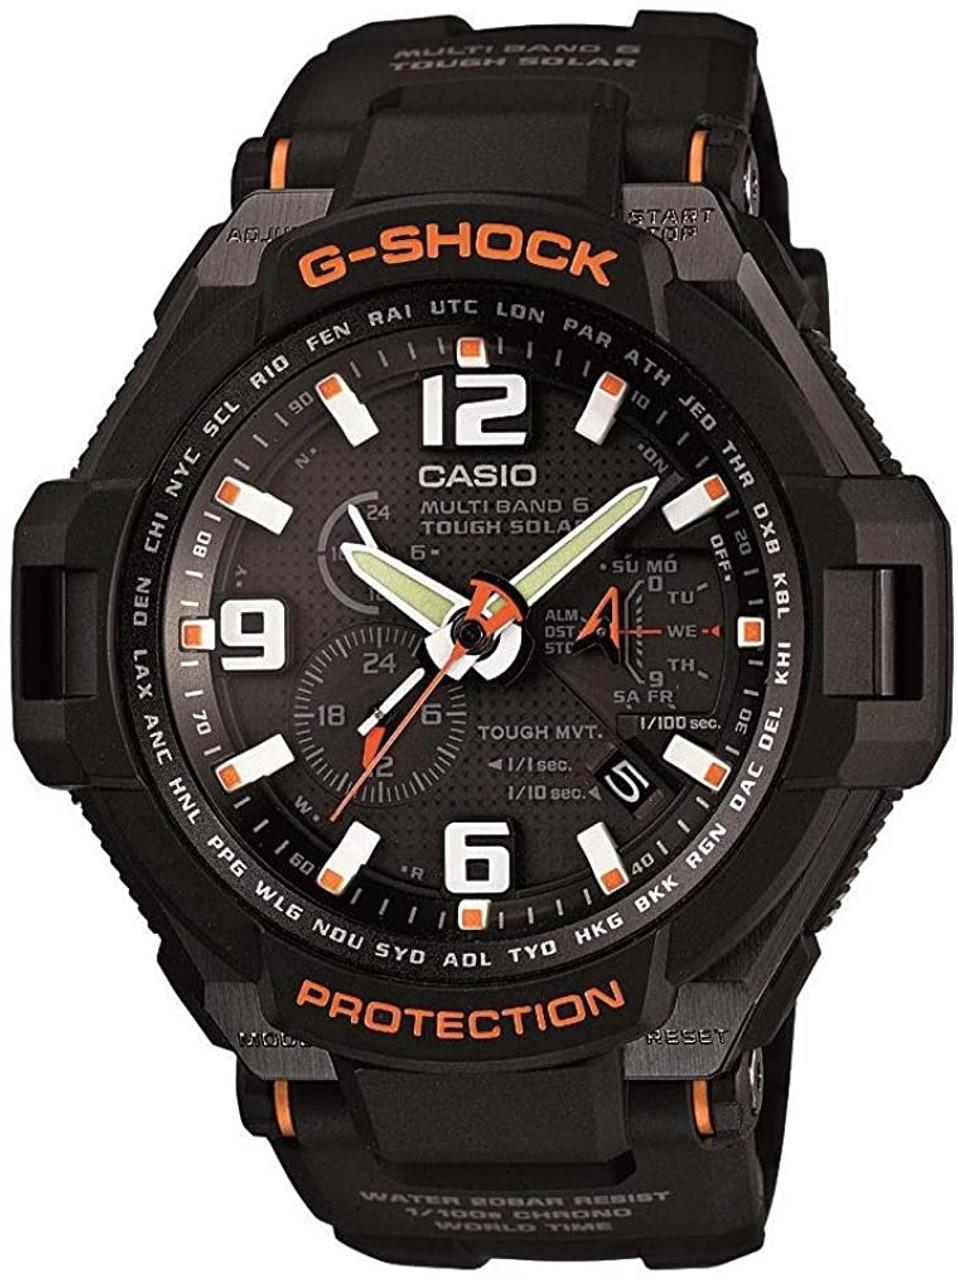 Casio G-Shock GW-4000-1AJF Sky Cockpit Aviation